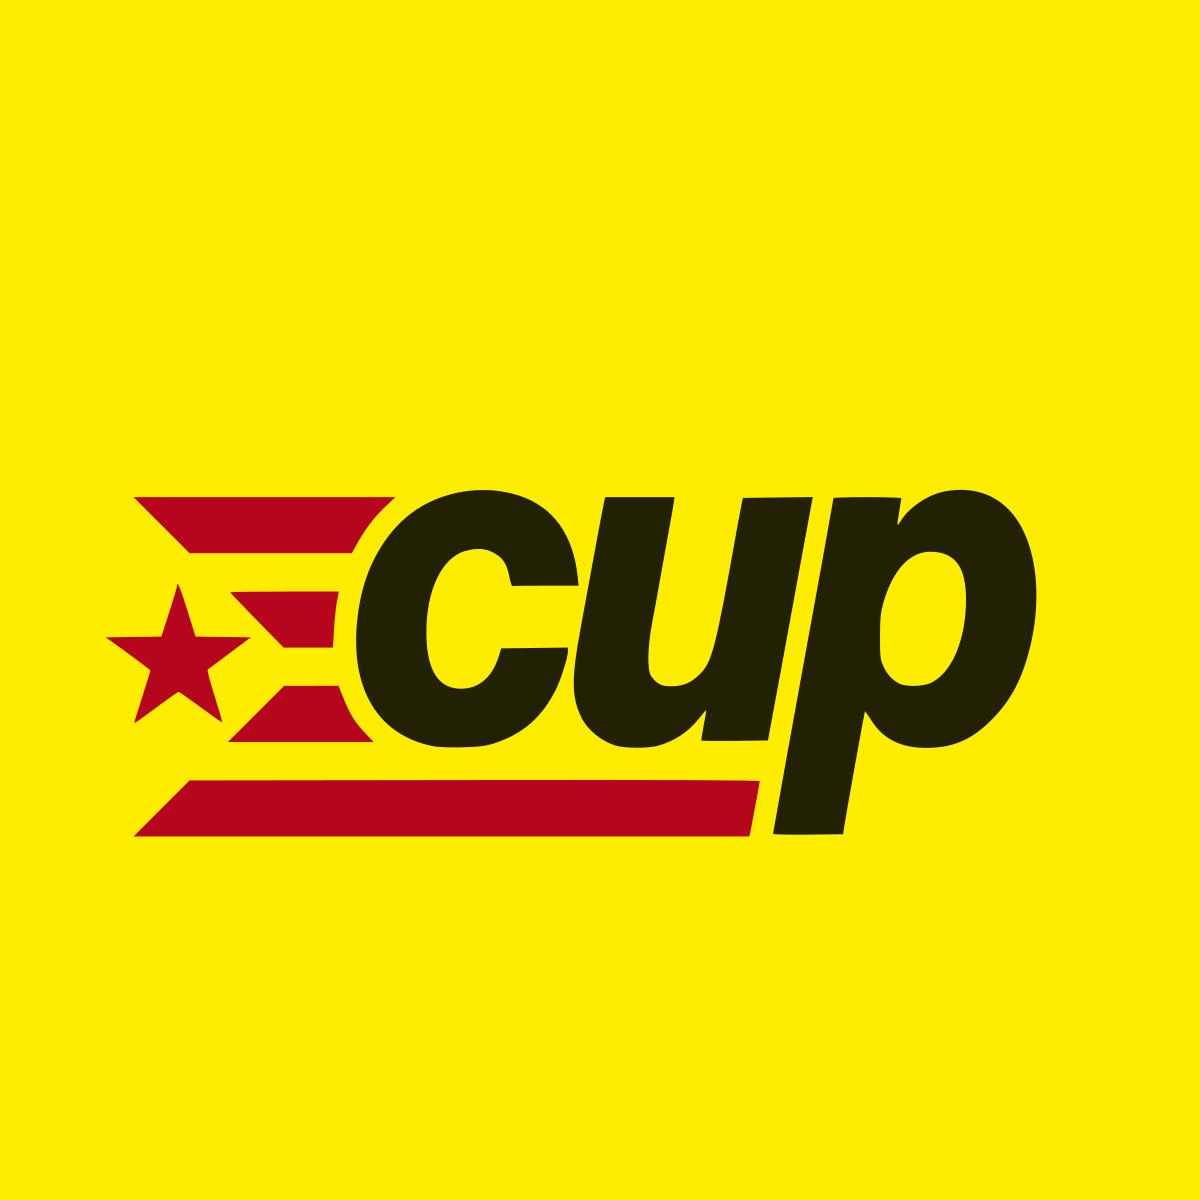 La CUP s'engage dans les élections espagnoles pour gagner le droit à l'autodétermination